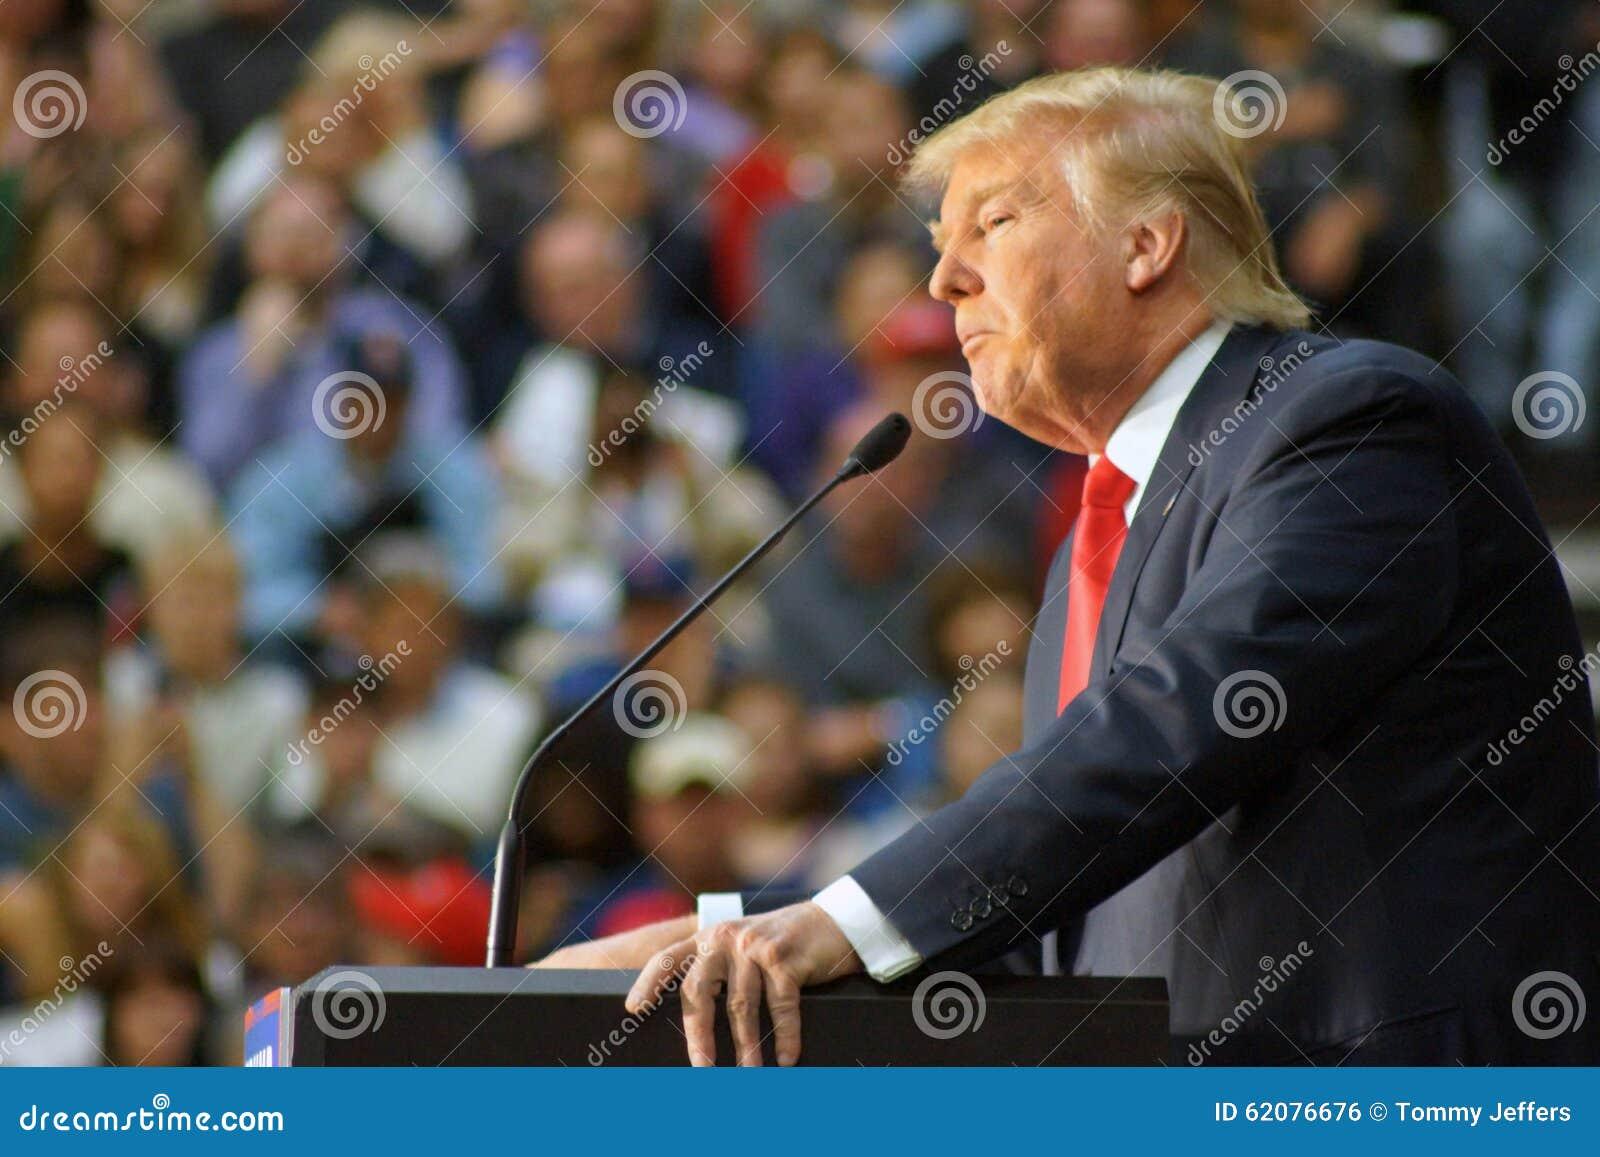 Donald Trump November 9, 2015